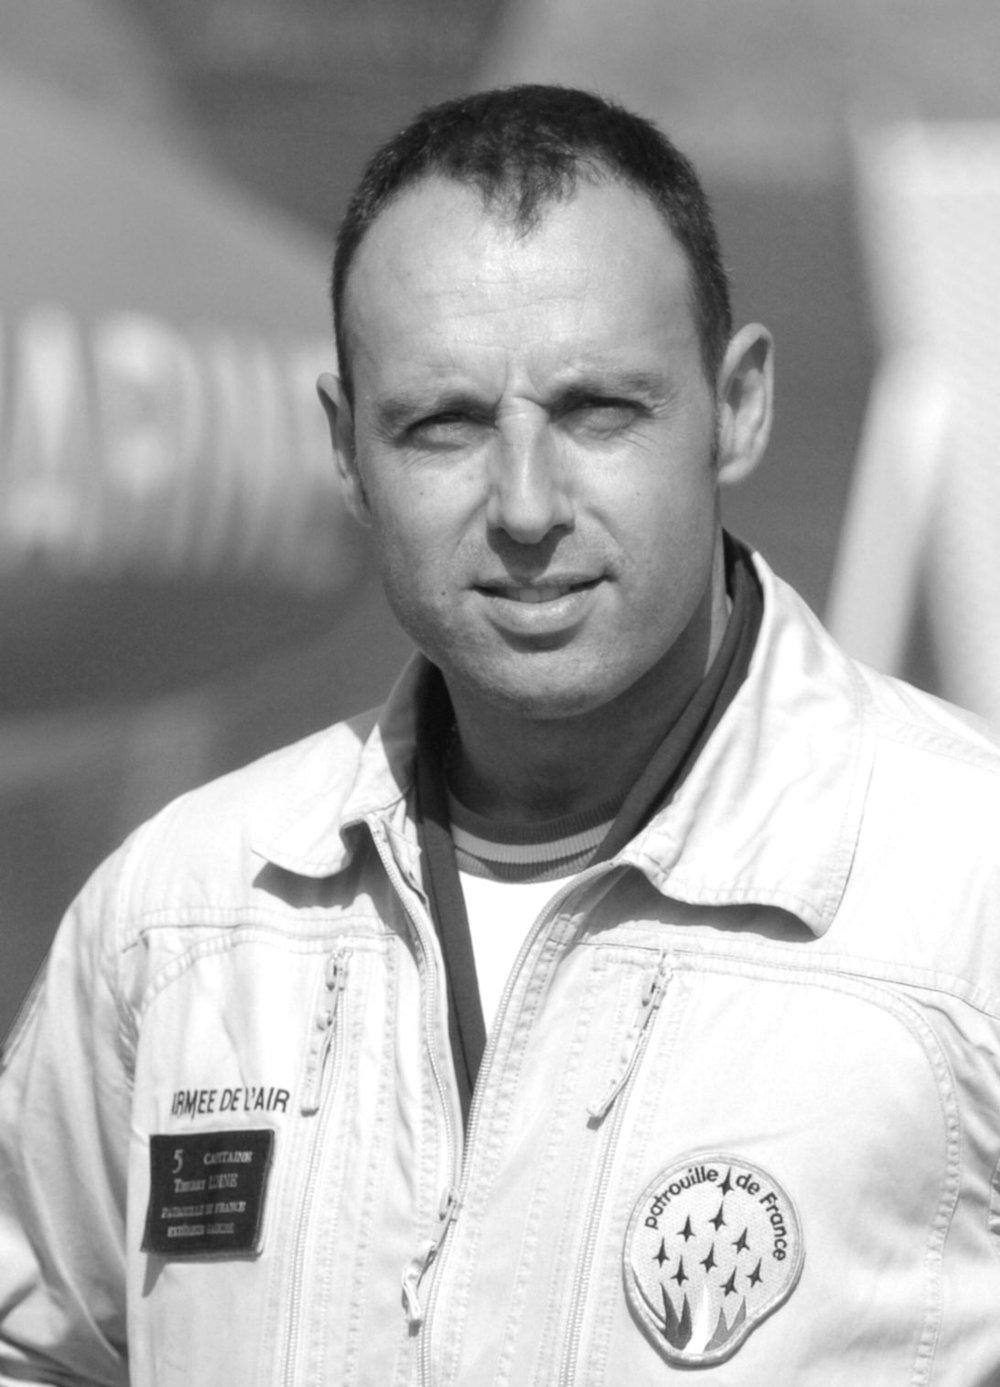 Thierry LOINE Conseiller Image, Pilote &Expert Aviation - Conférencier Pilote de chasse dans l'armée de l'air pendant 18 ans, il intègre pendant quatre années la prestigieuse unité de la Patrouille de France, puis rejoint la sécurité civile en 2010 pour devenir pilote bombardier d'eau. Pilote de Chasse - Pilote Bombardier d'eau